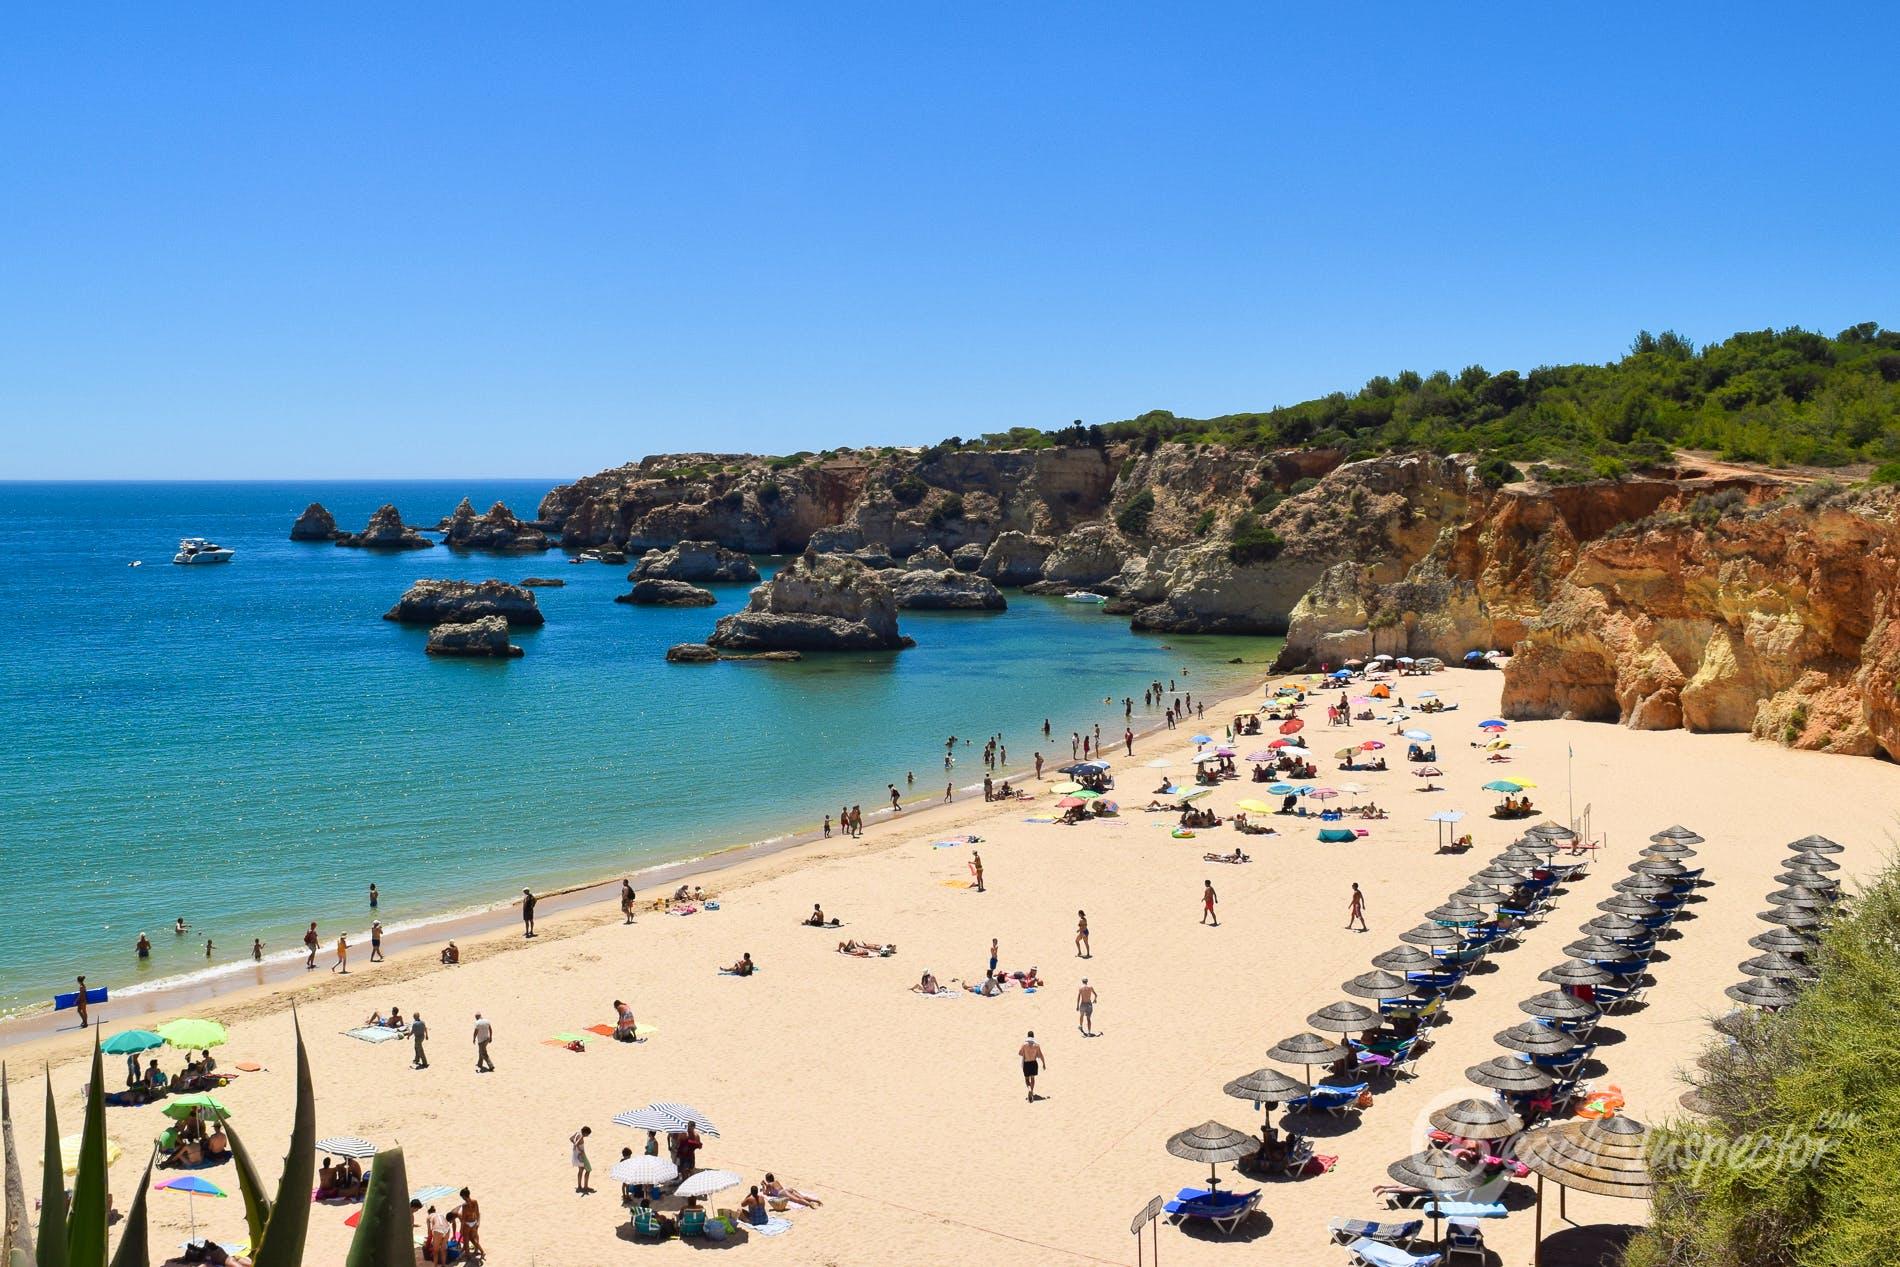 Strand Praia do Barranco das Canas, Algarve, Portugal